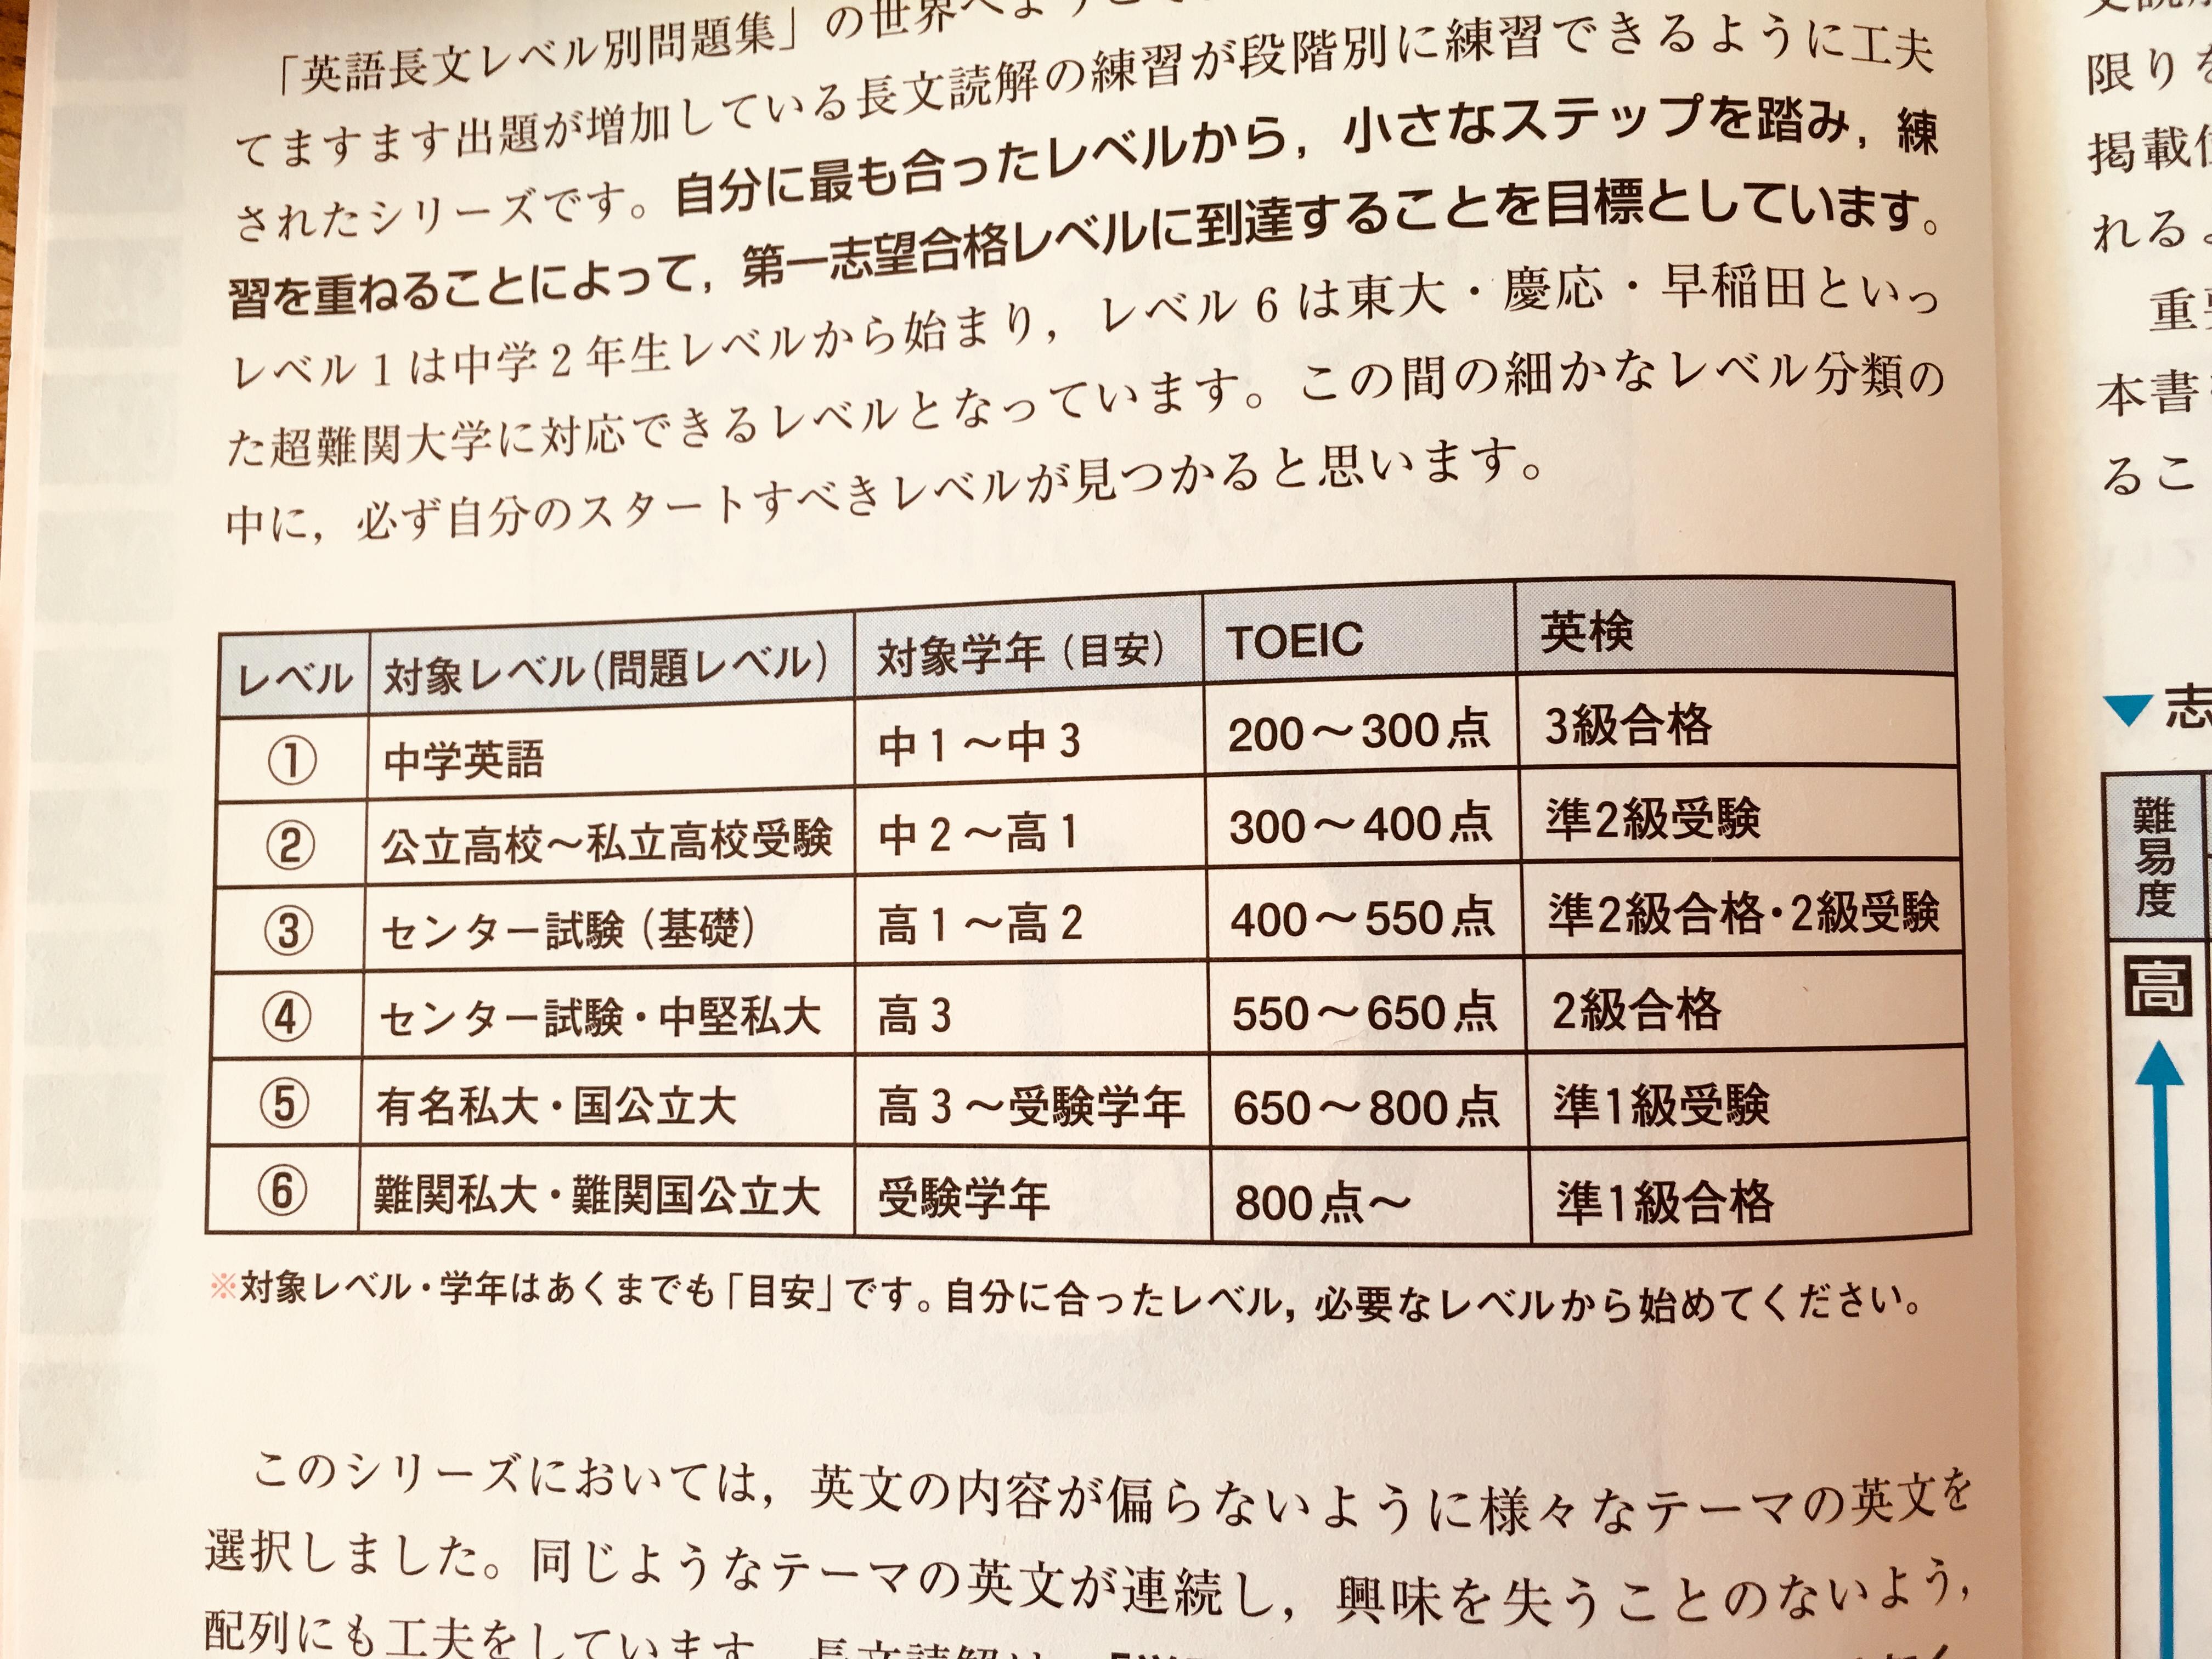 IMG_E2842.JPG